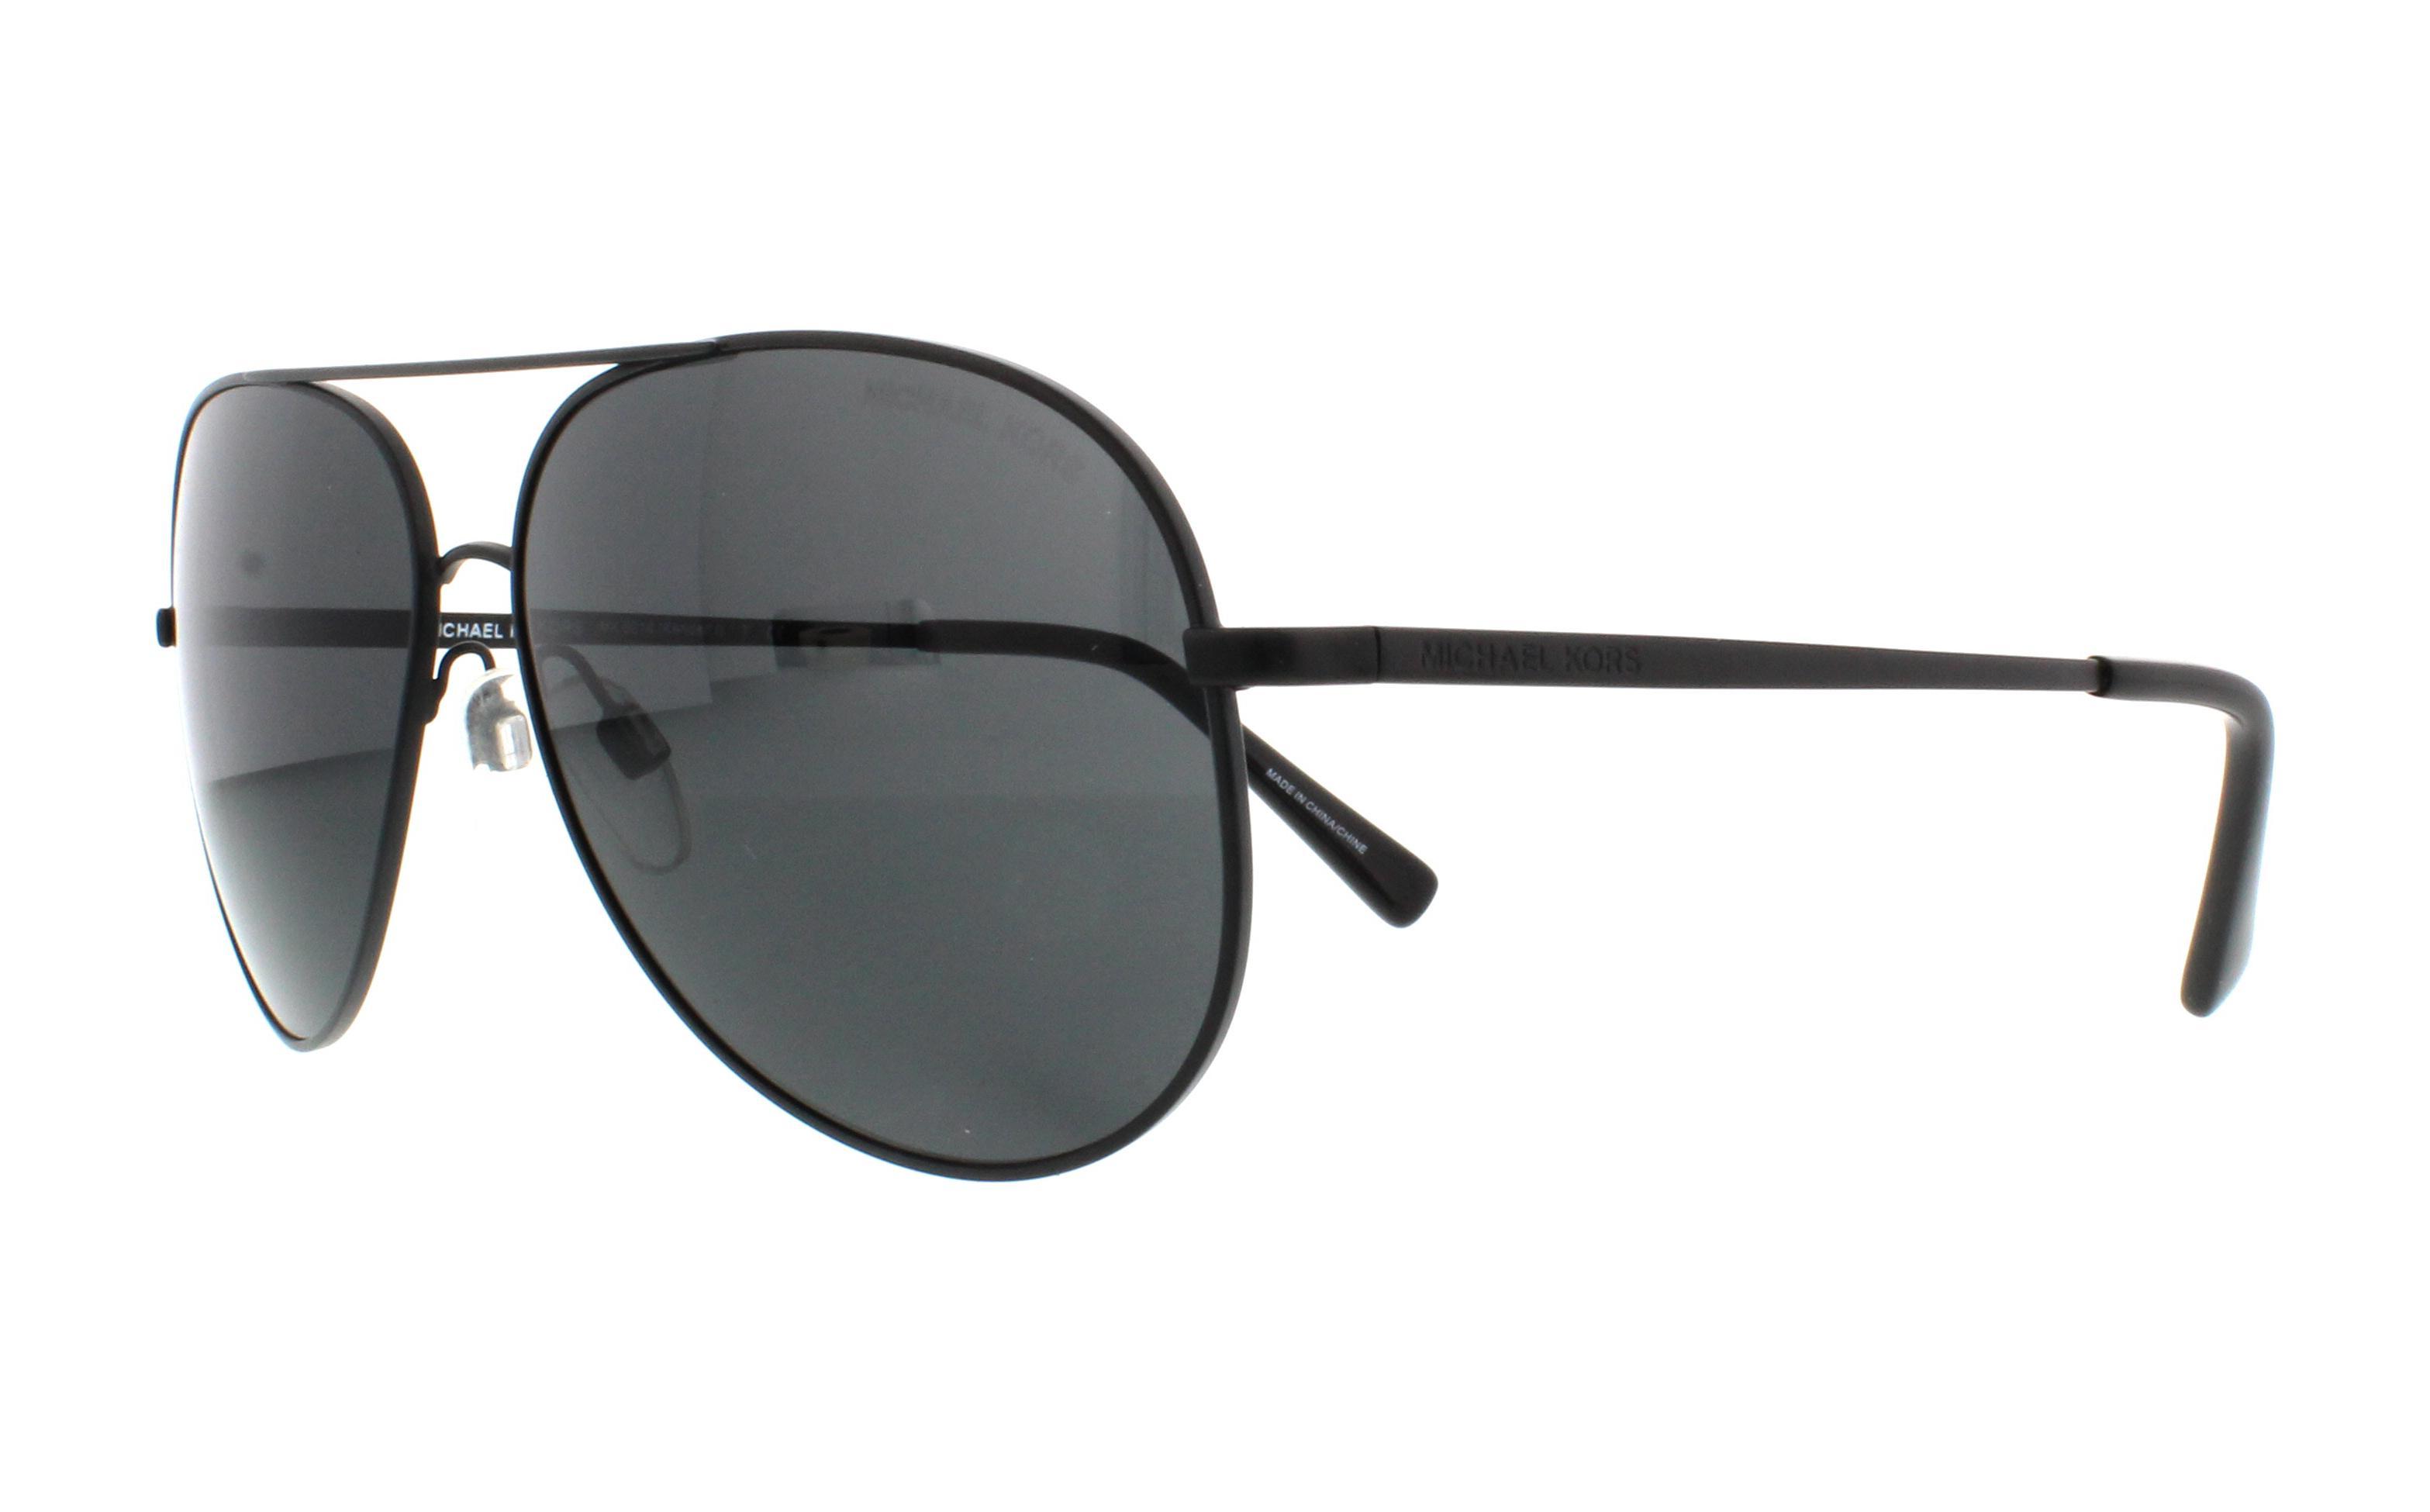 Details about MICHAEL KORS Sunglasses MK5016 KENDALL 108287 Matte Black 60MM 45b8cbc486a